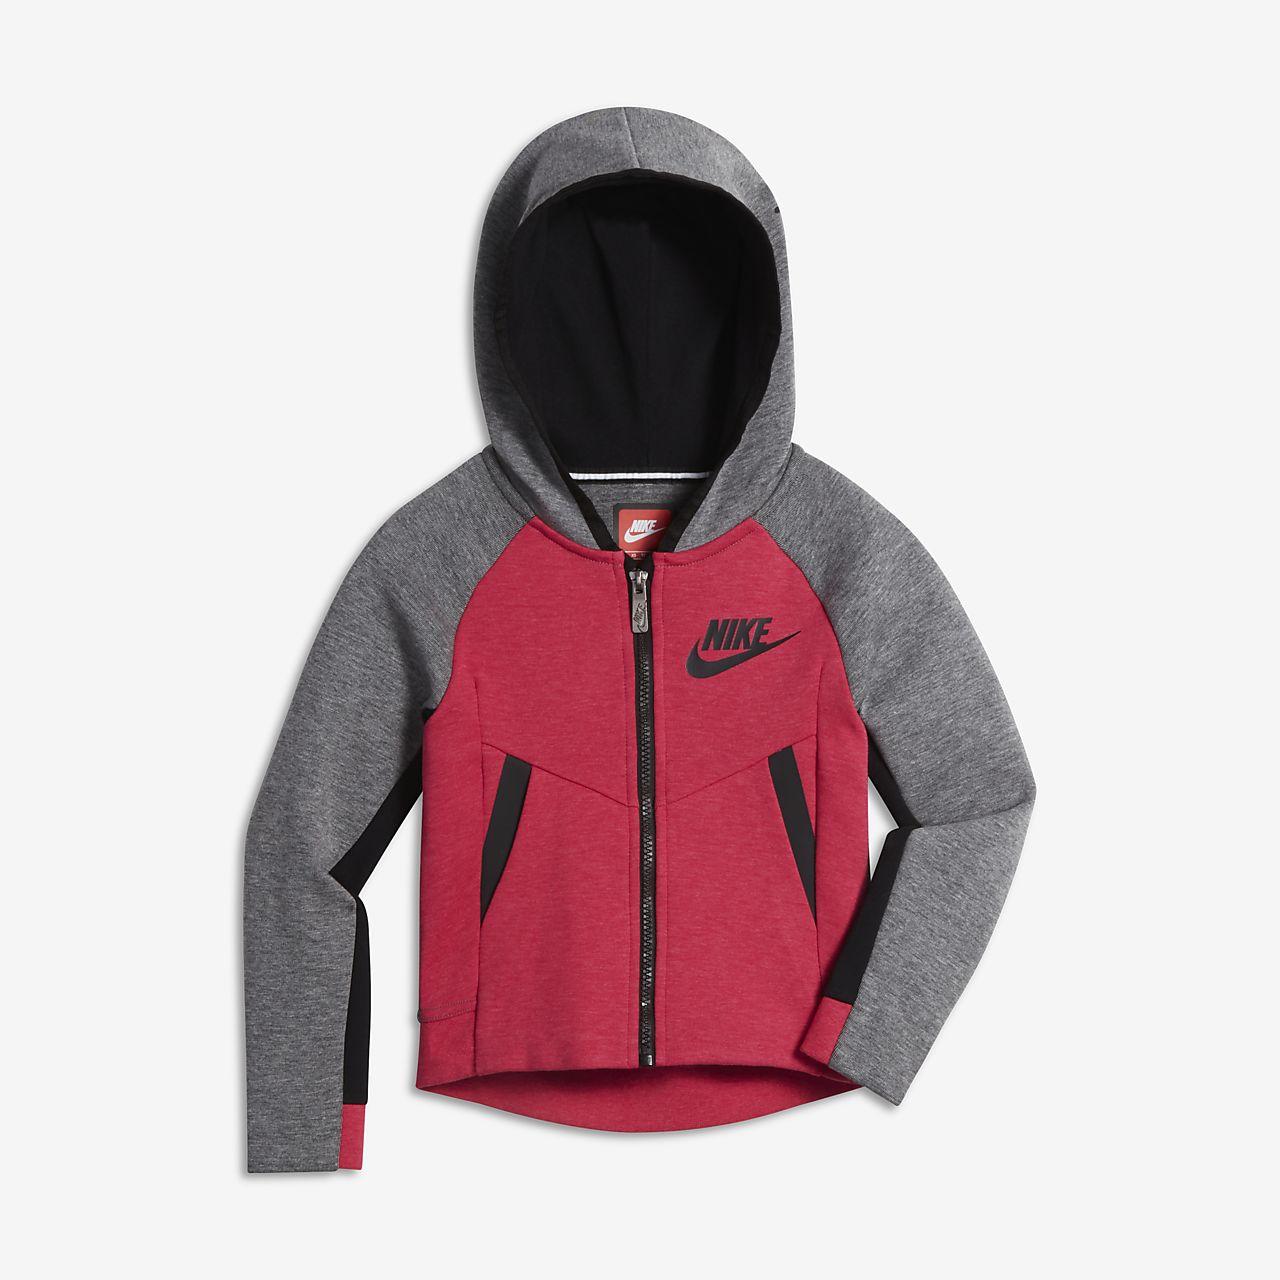 7256032524c6 Nike Sportswear Tech Fleece Younger Kids  (Girls ) Hoodie. Nike.com FI